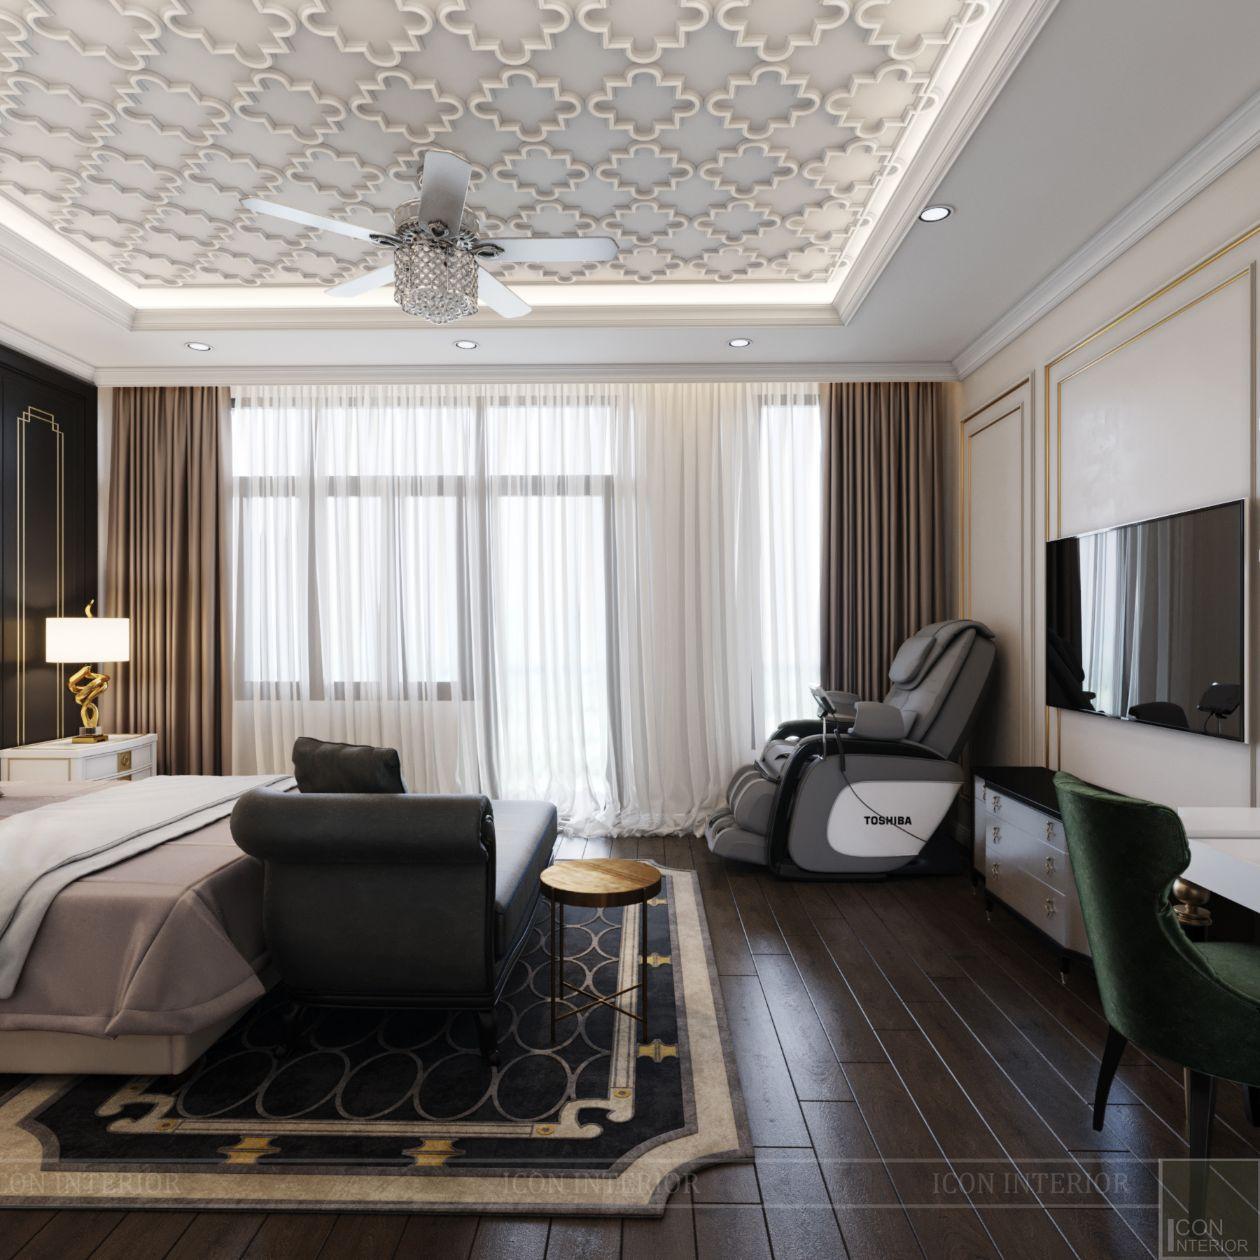 thiết kế biệt thự lavila nam sài gòn - phòng ngủ master 3